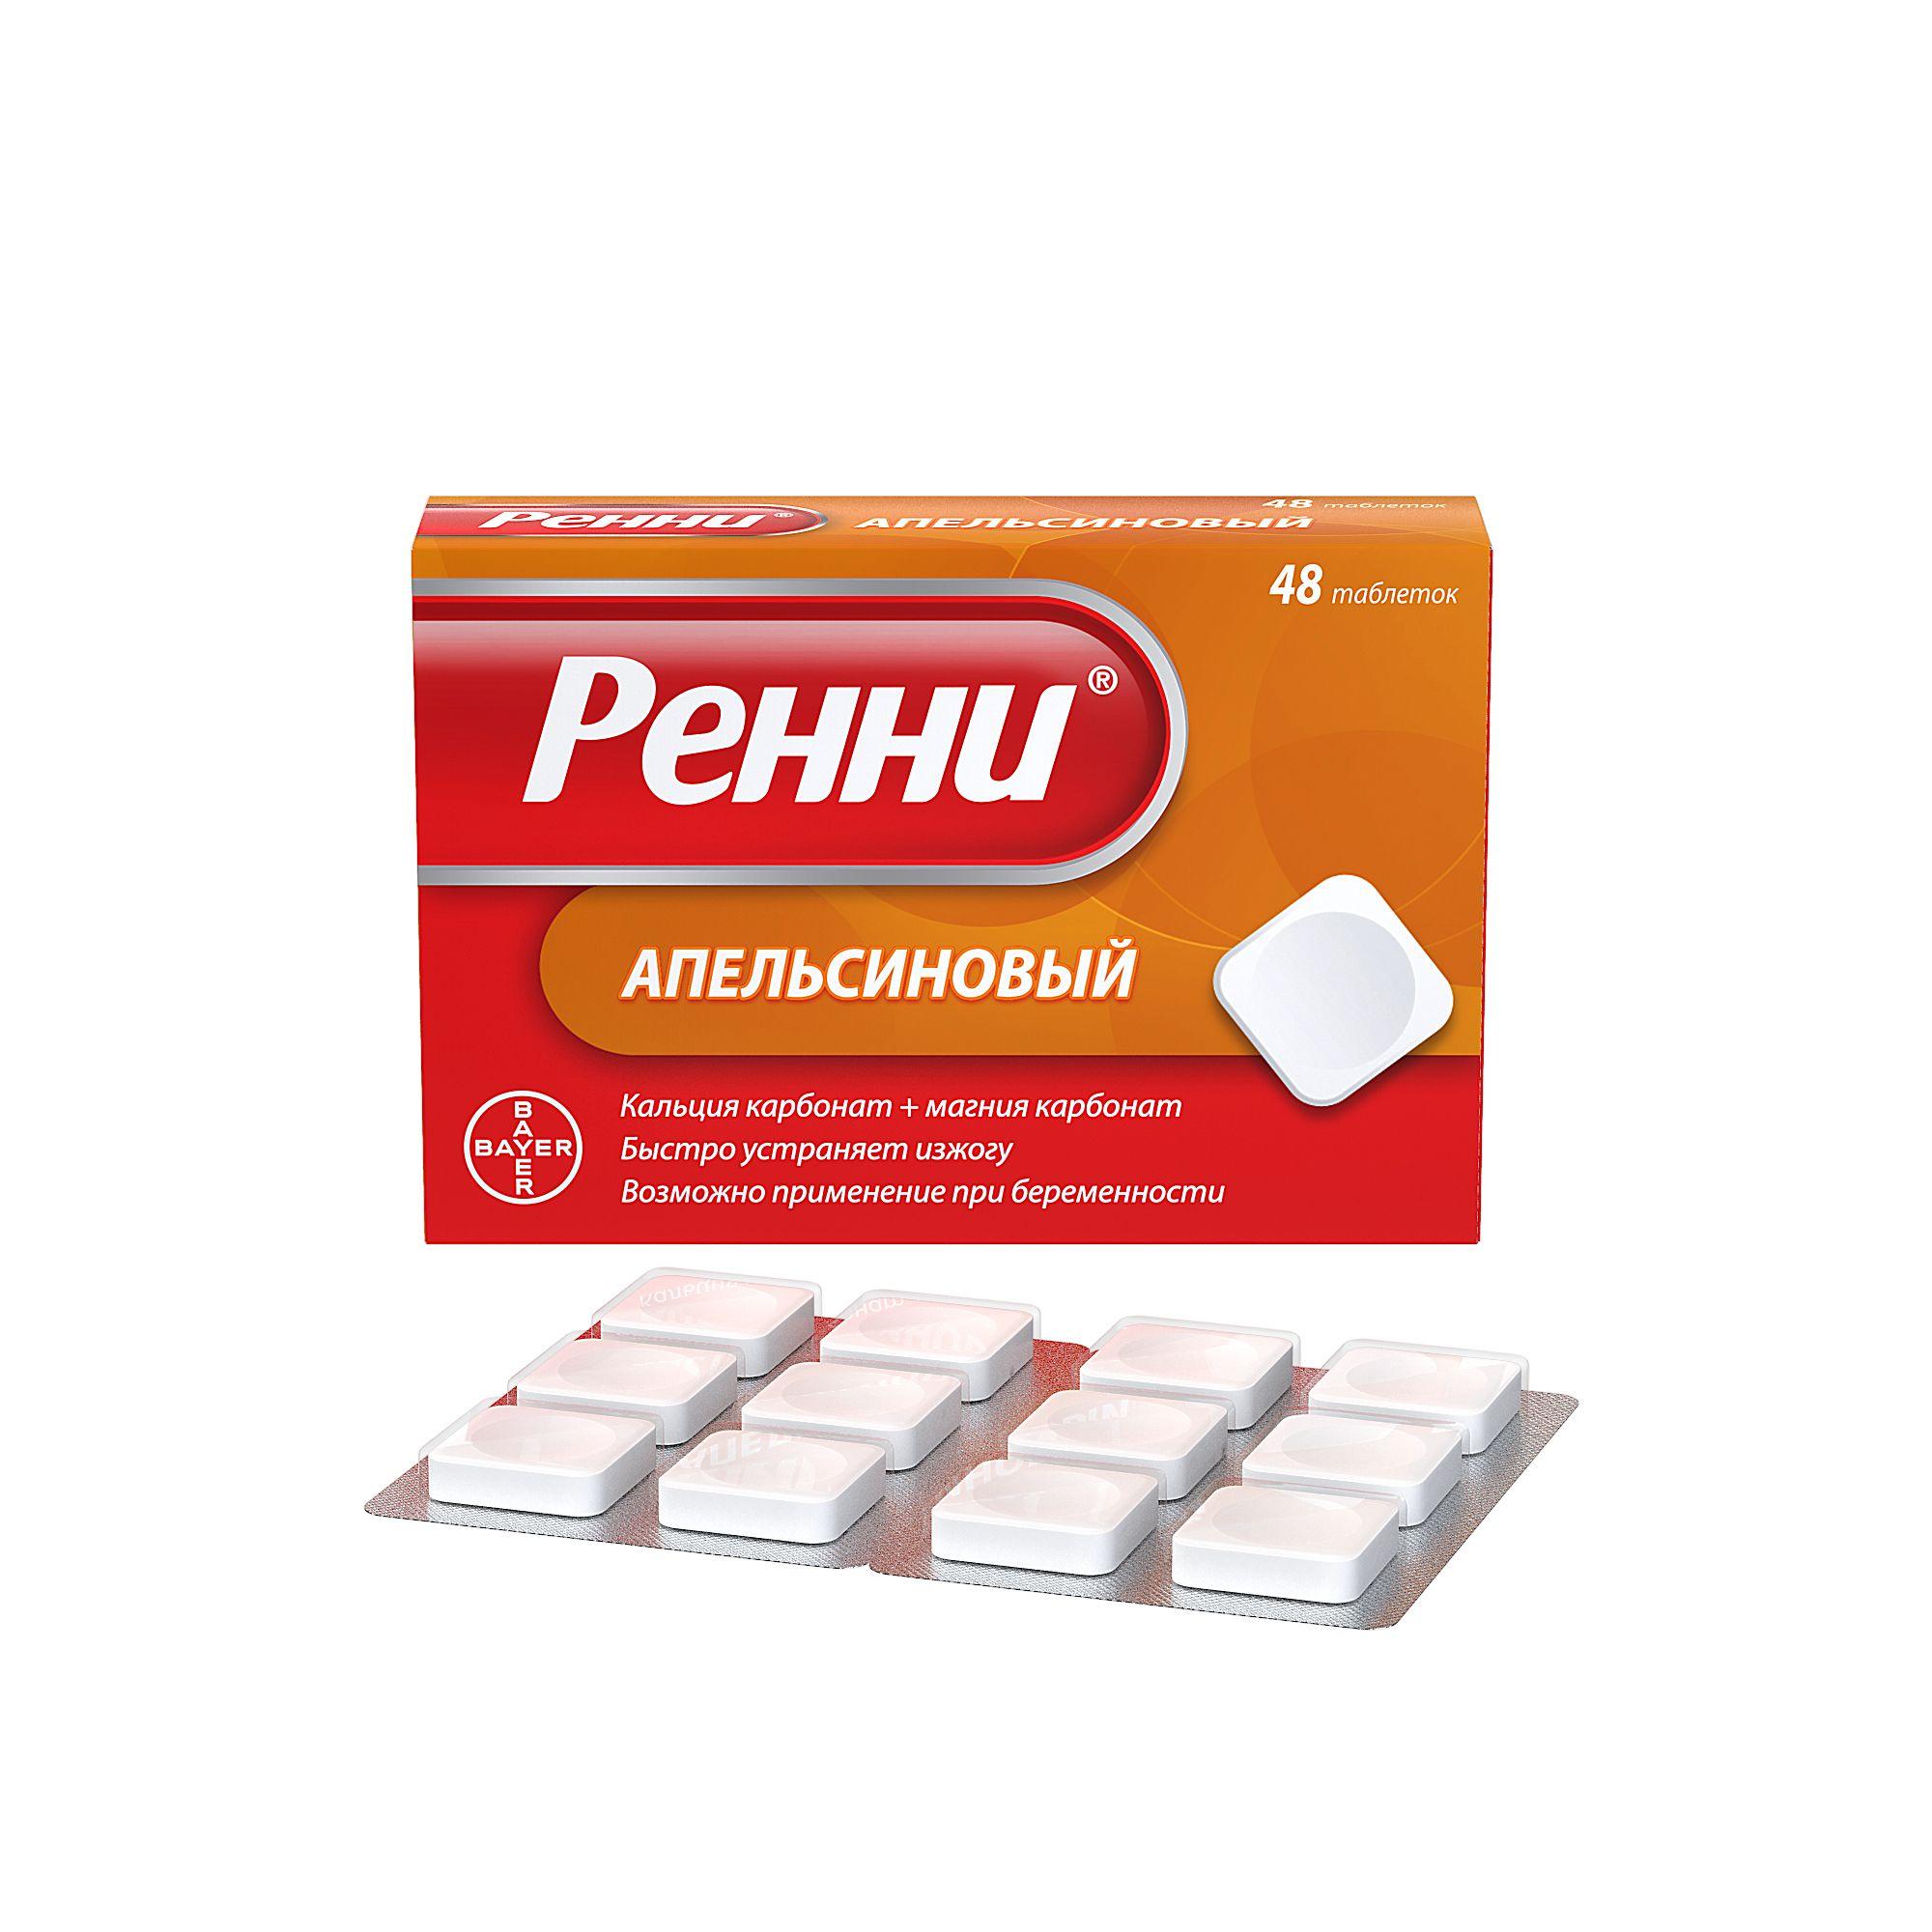 Ренни, 680 мг+80 мг, таблетки жевательные, с апельсиновым вкусом, 48шт.